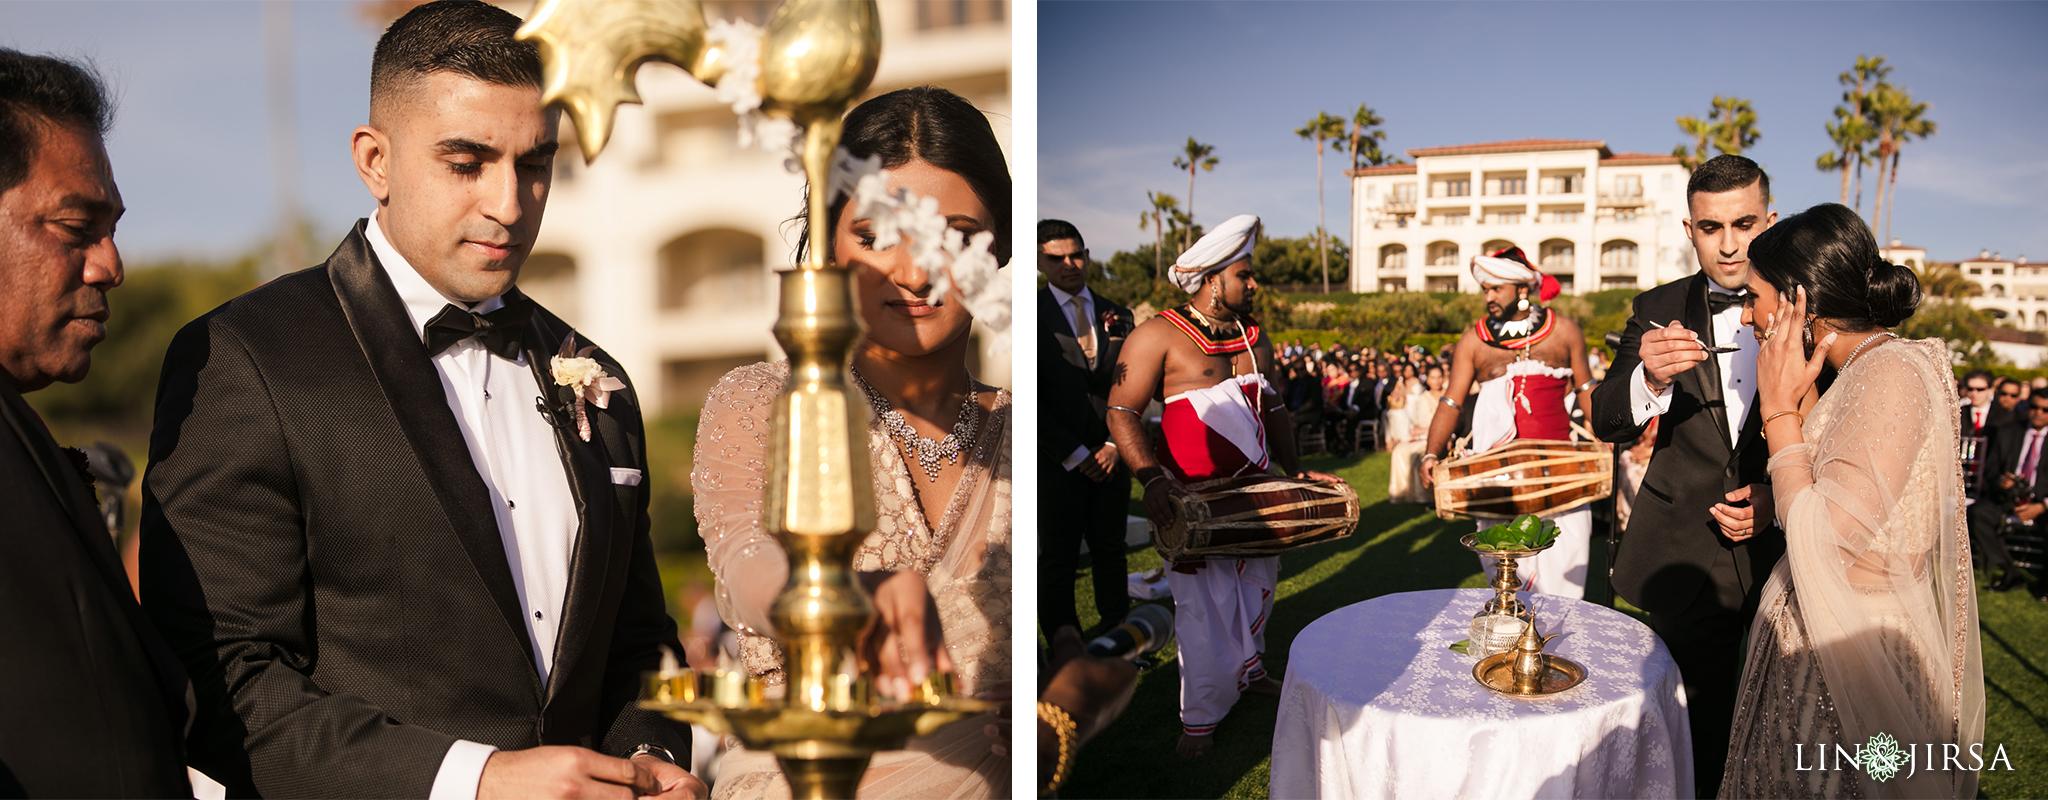 28 Monarch Beach Resort Dana Point Sinhalese Wedding Photography